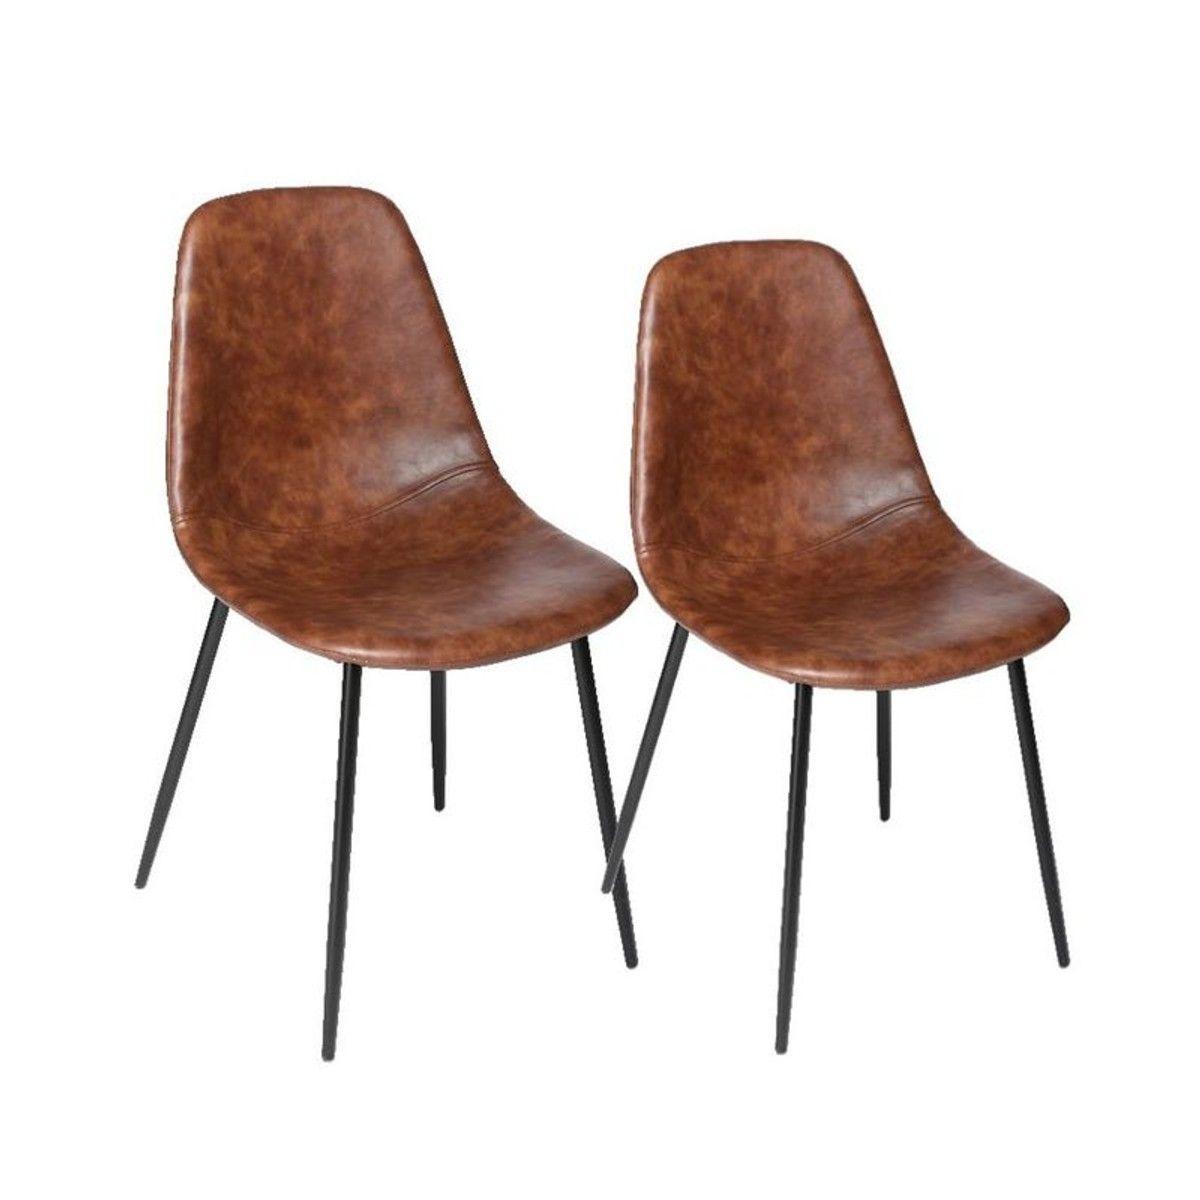 Epingle Sur Chair